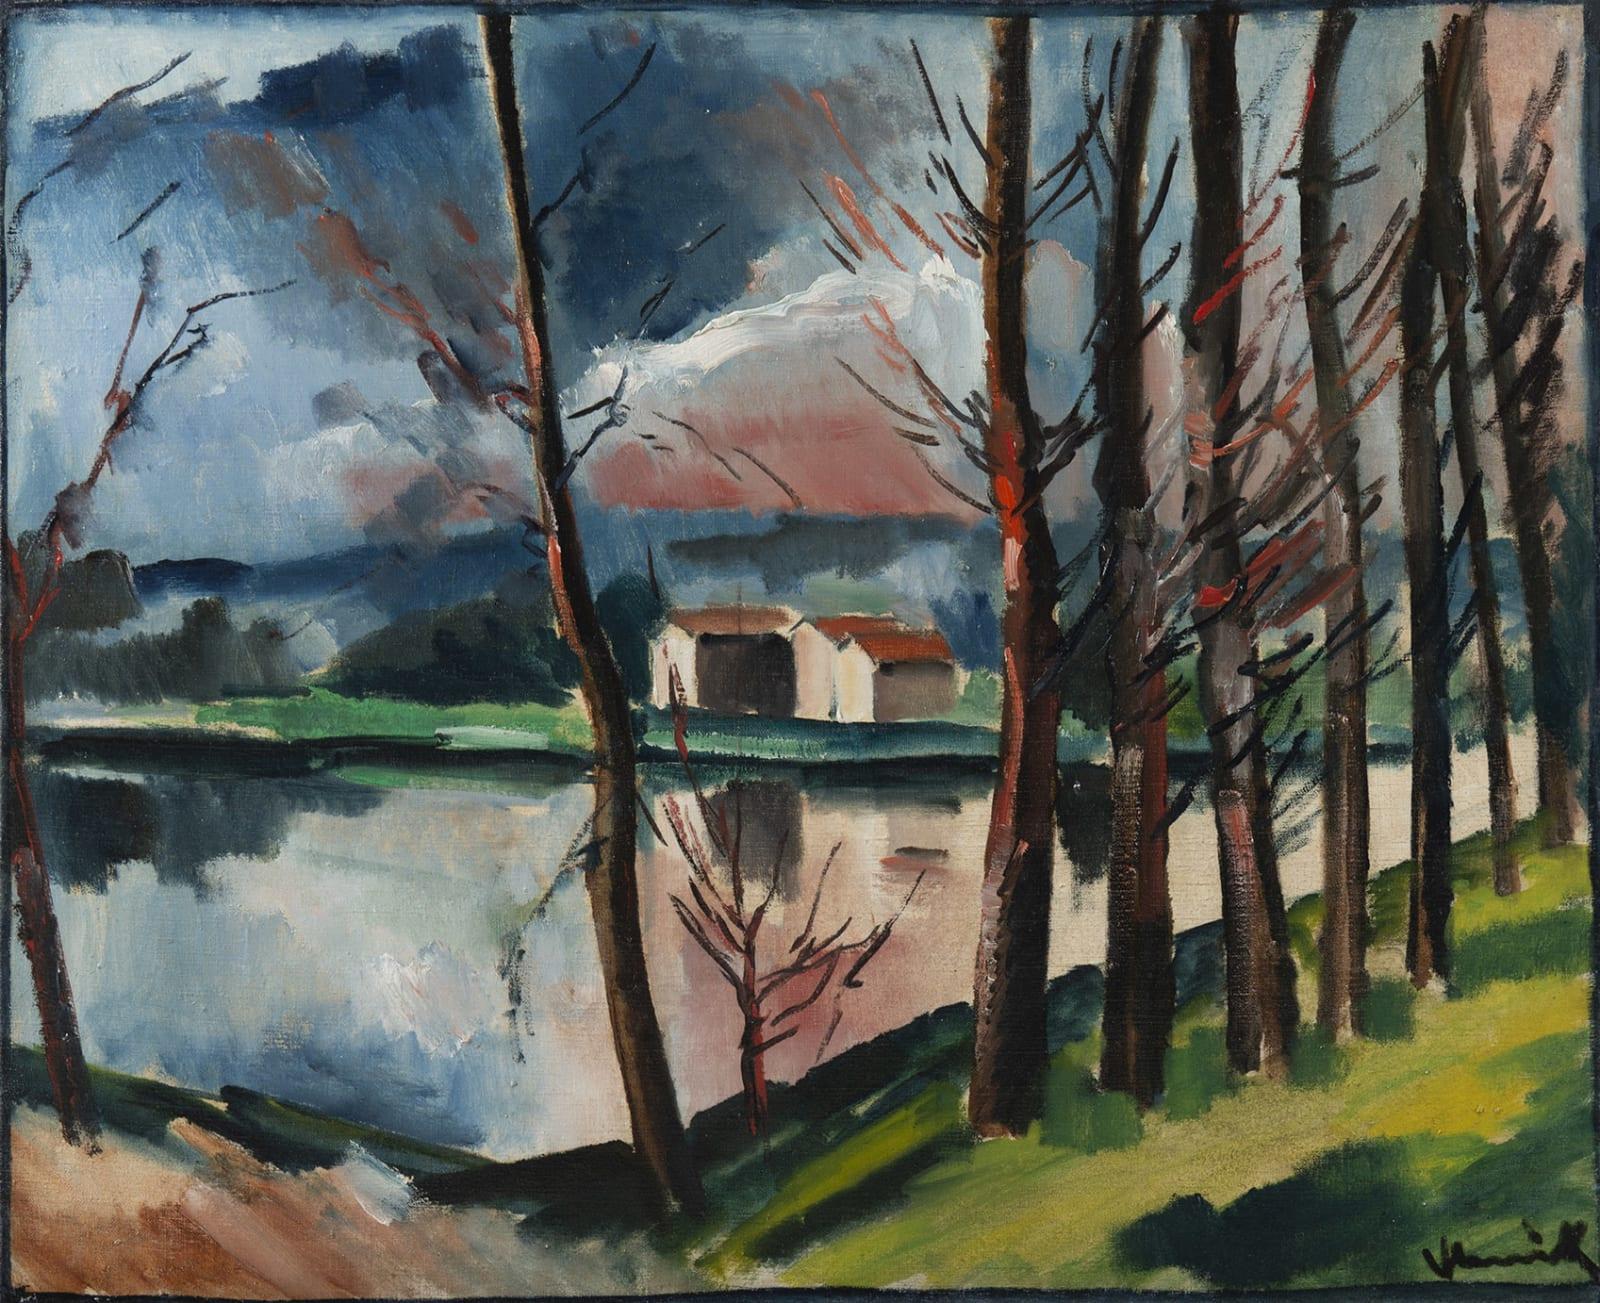 MAURICE DE VLAMINCK, Paysage au bord de l'eau, circa 1911-1912